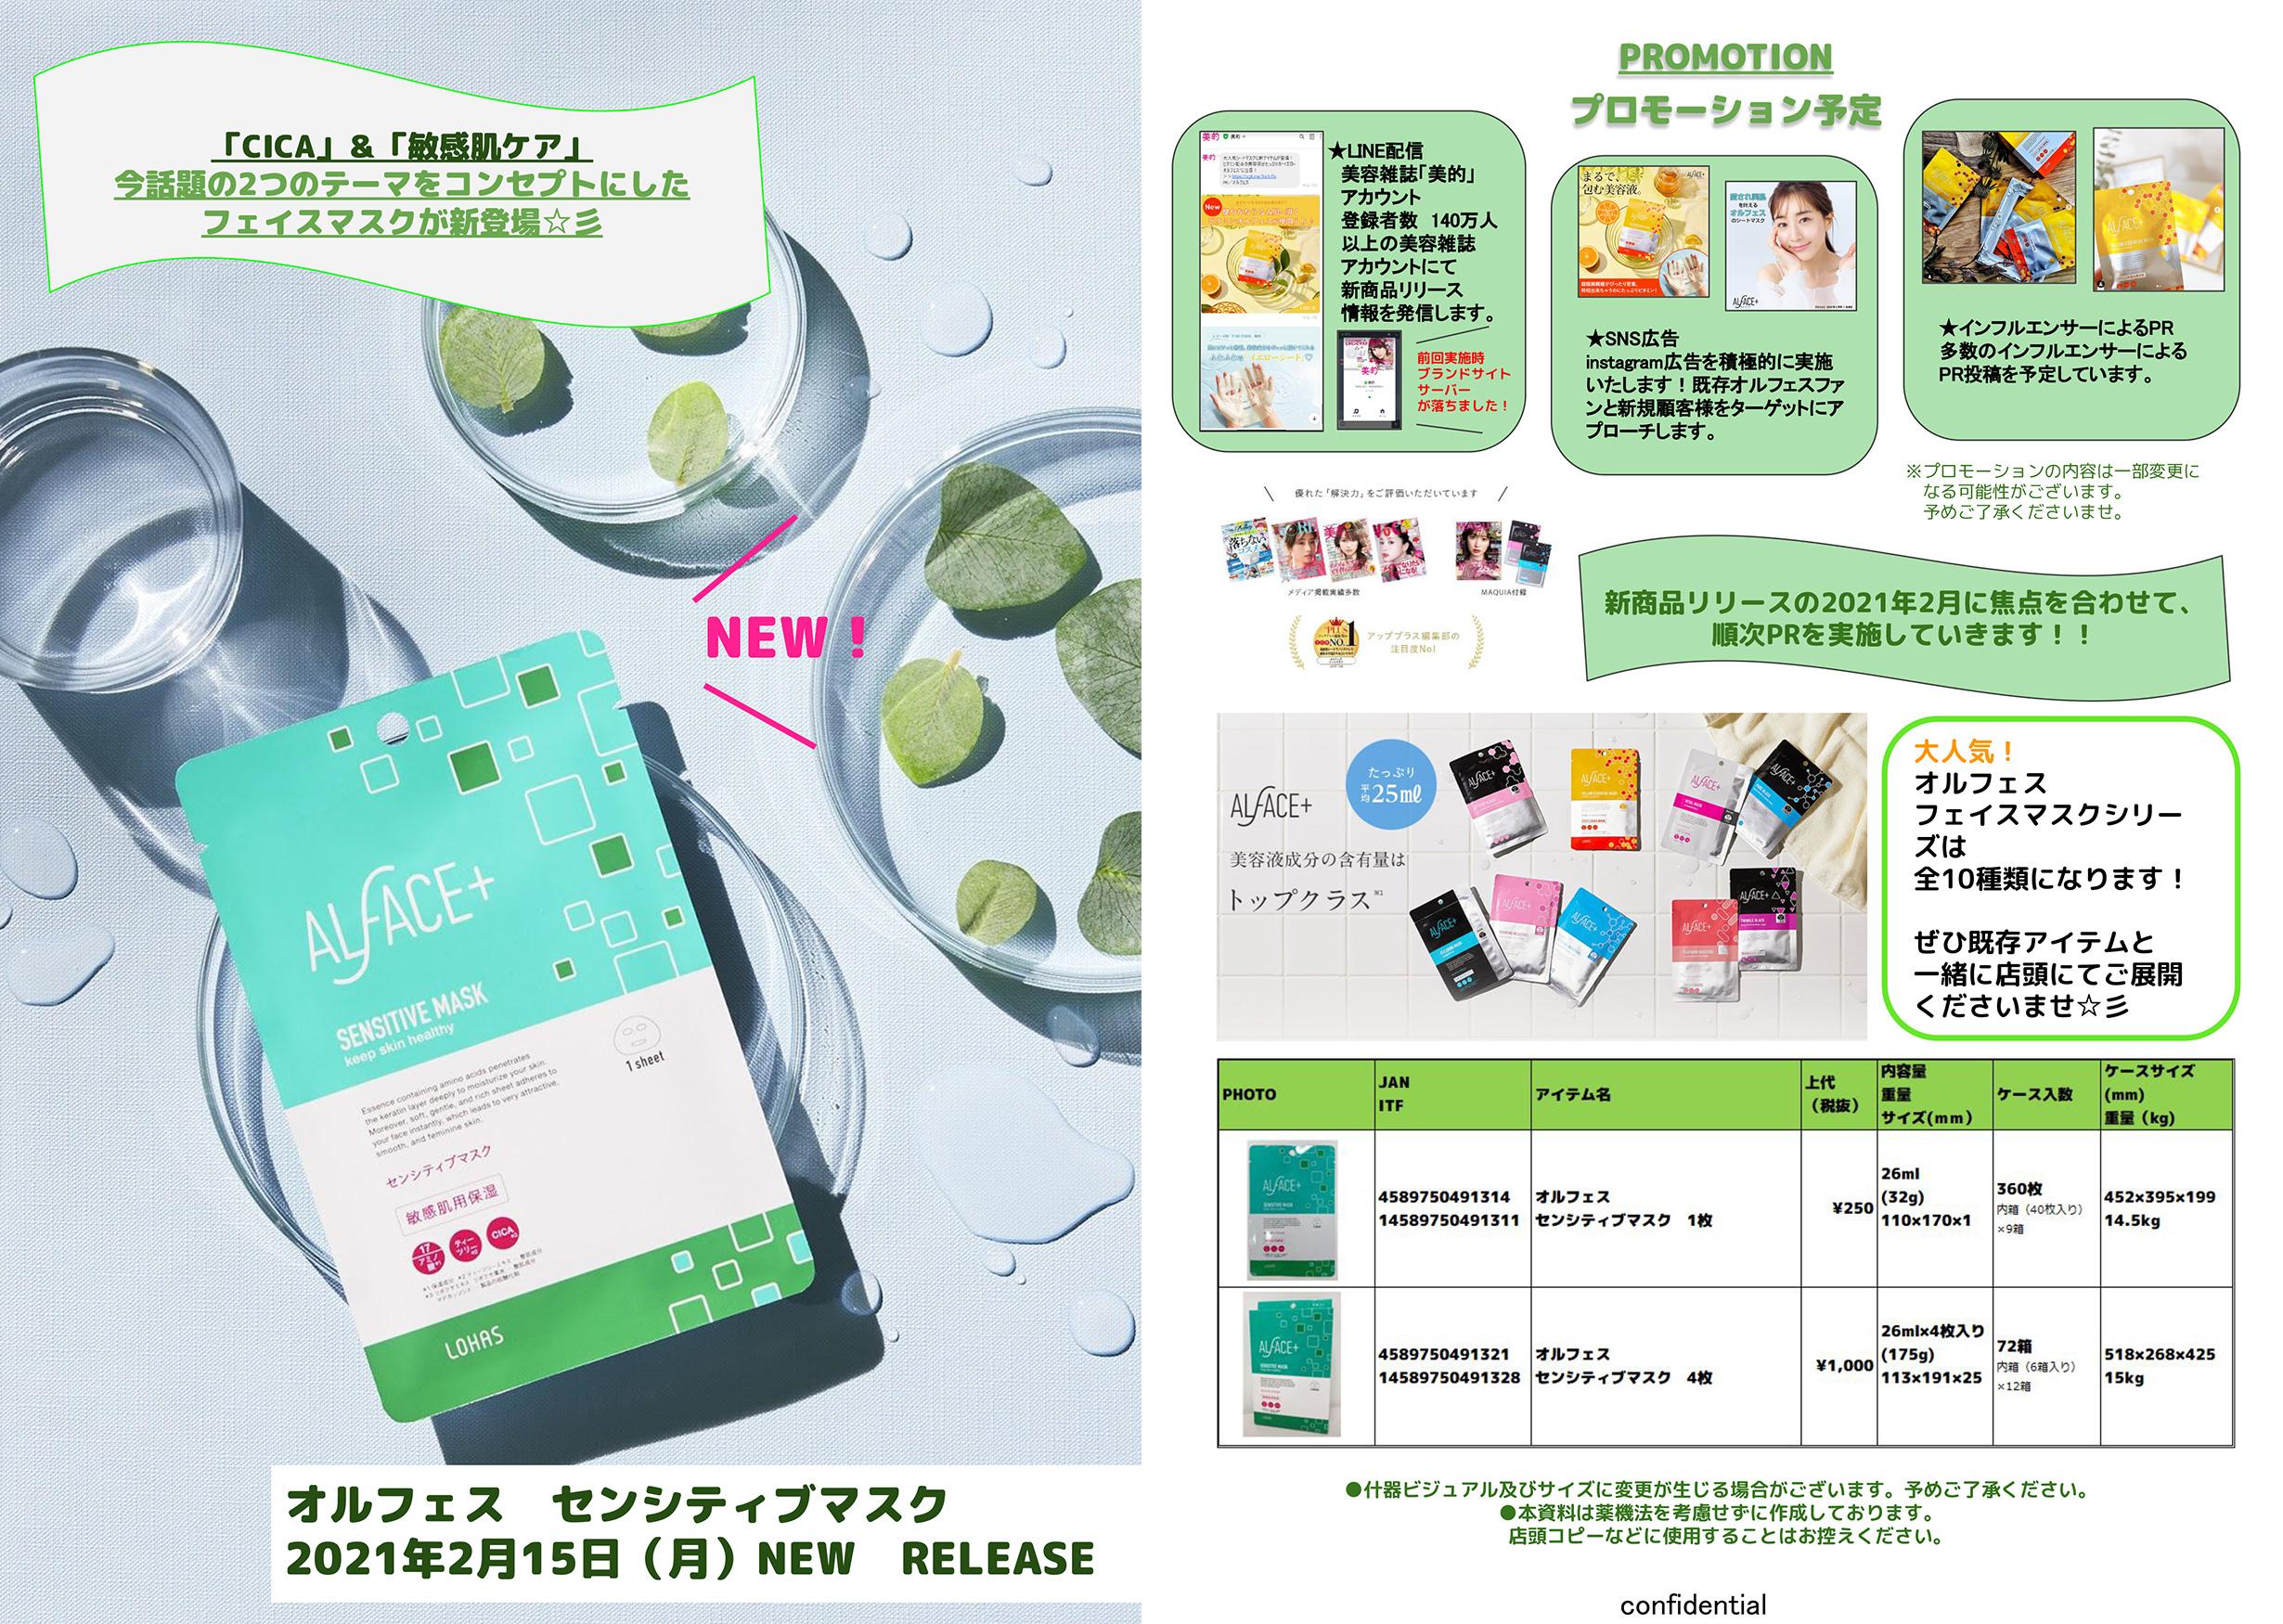 【規定書】オルフェス イエローエッセンシャルマスク(1)